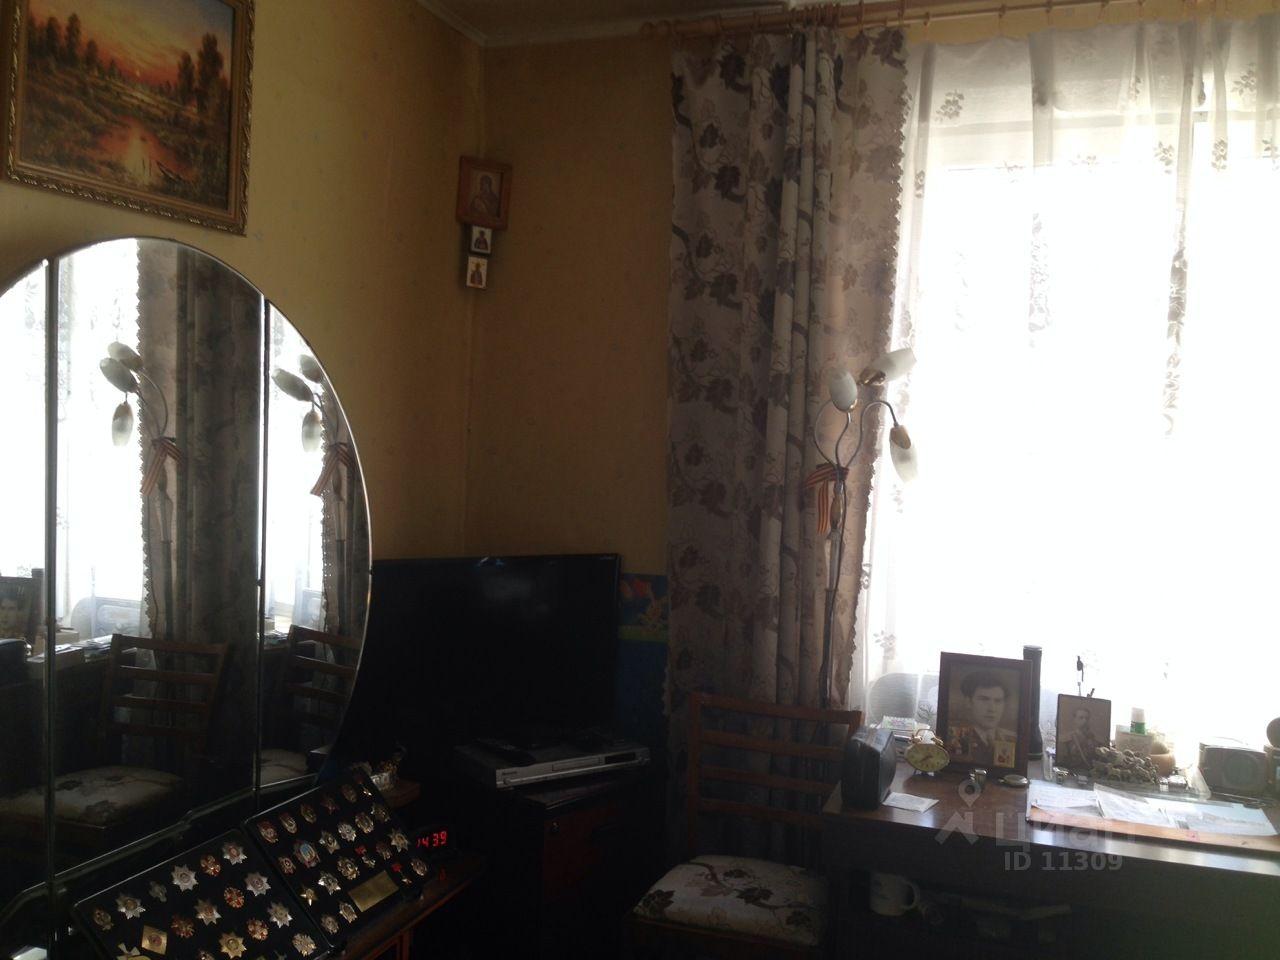 продам трехкомнатную квартиру город Москва, метро Дмитровская, Башиловская улица, д. 23К2